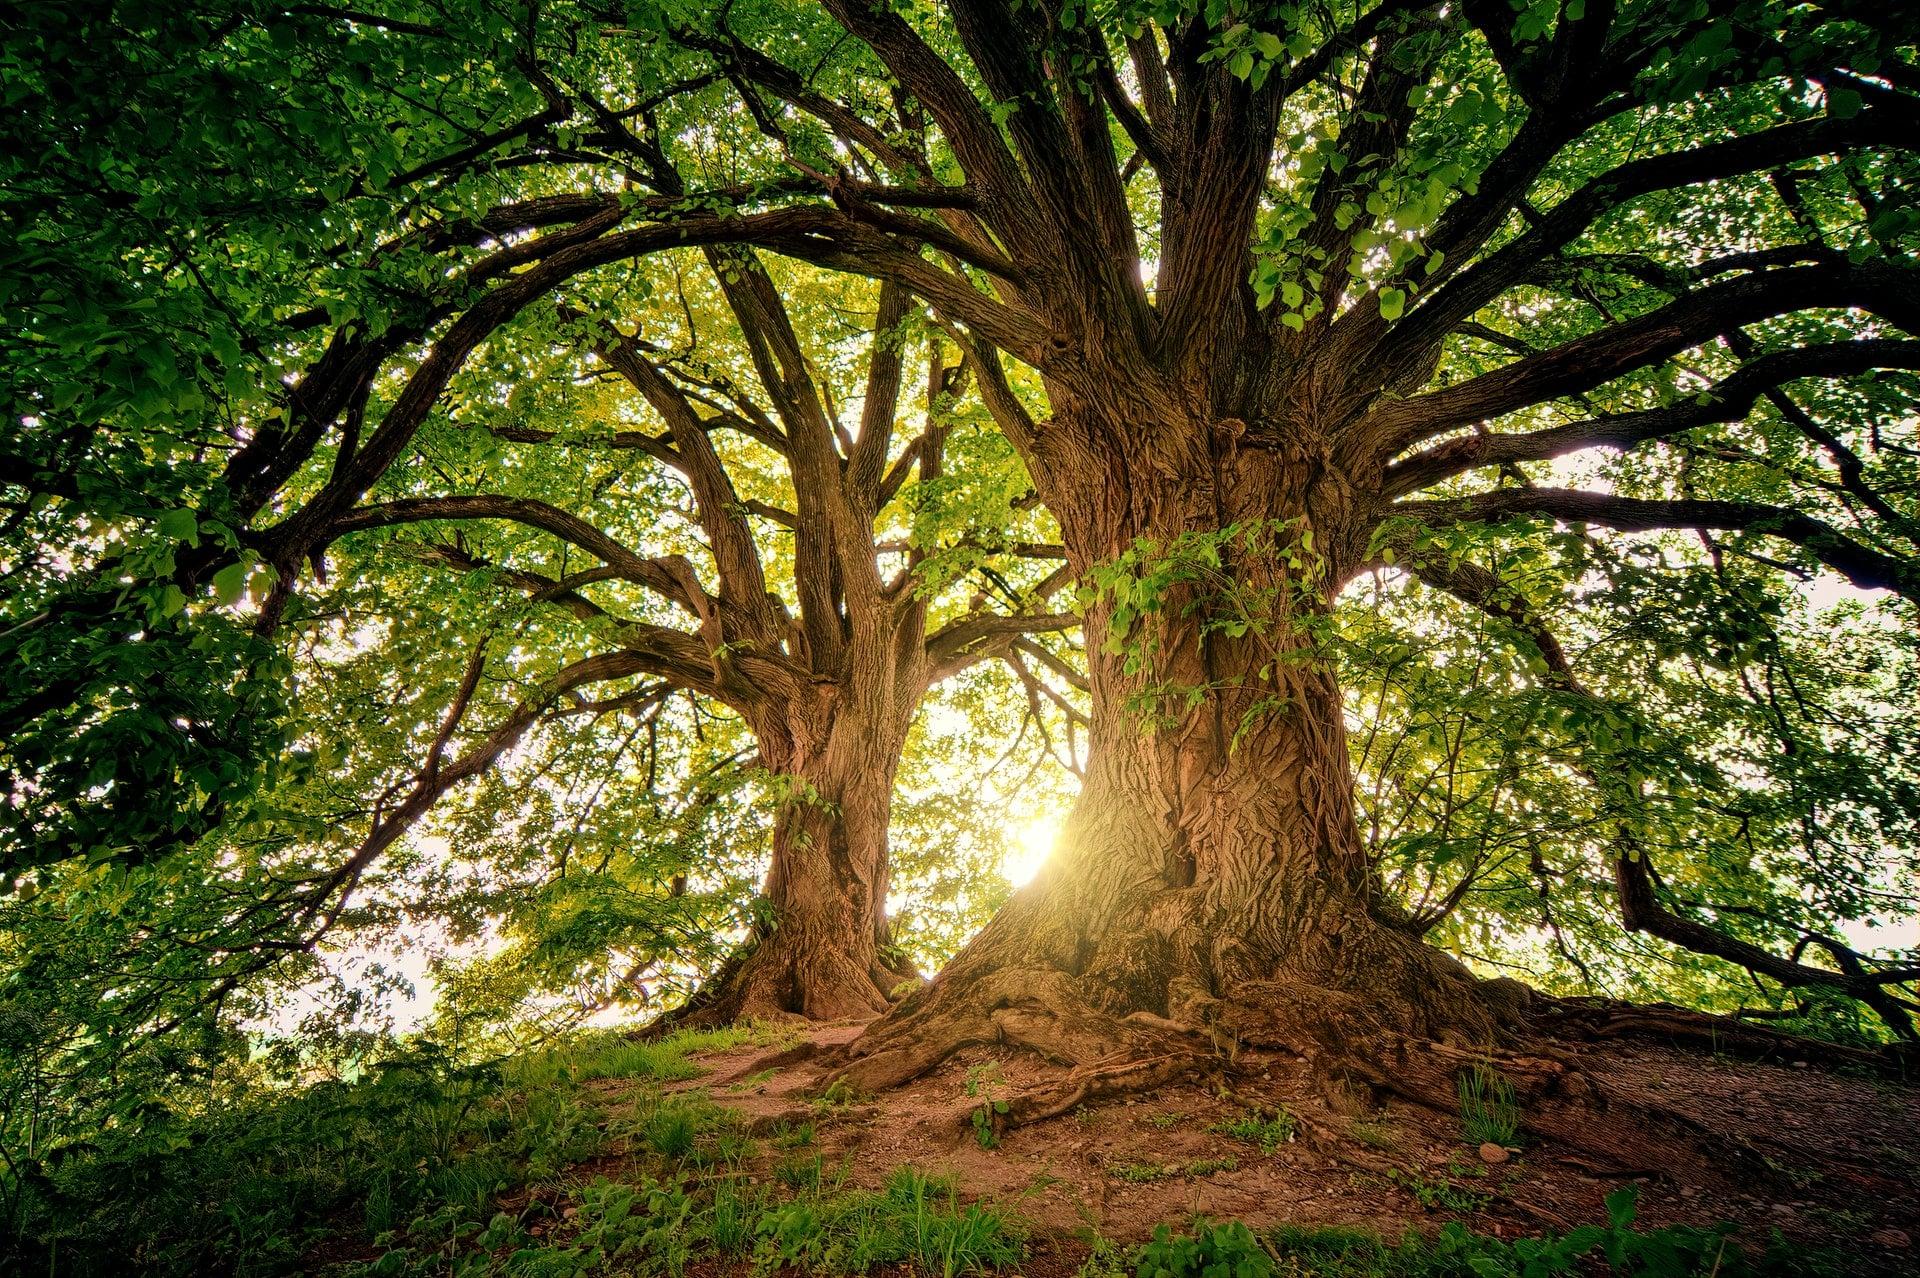 Baum im Wald um Langzeitigkeit, Permanenz und Nachhaltigkeit von Forum Family Office auszudrücken